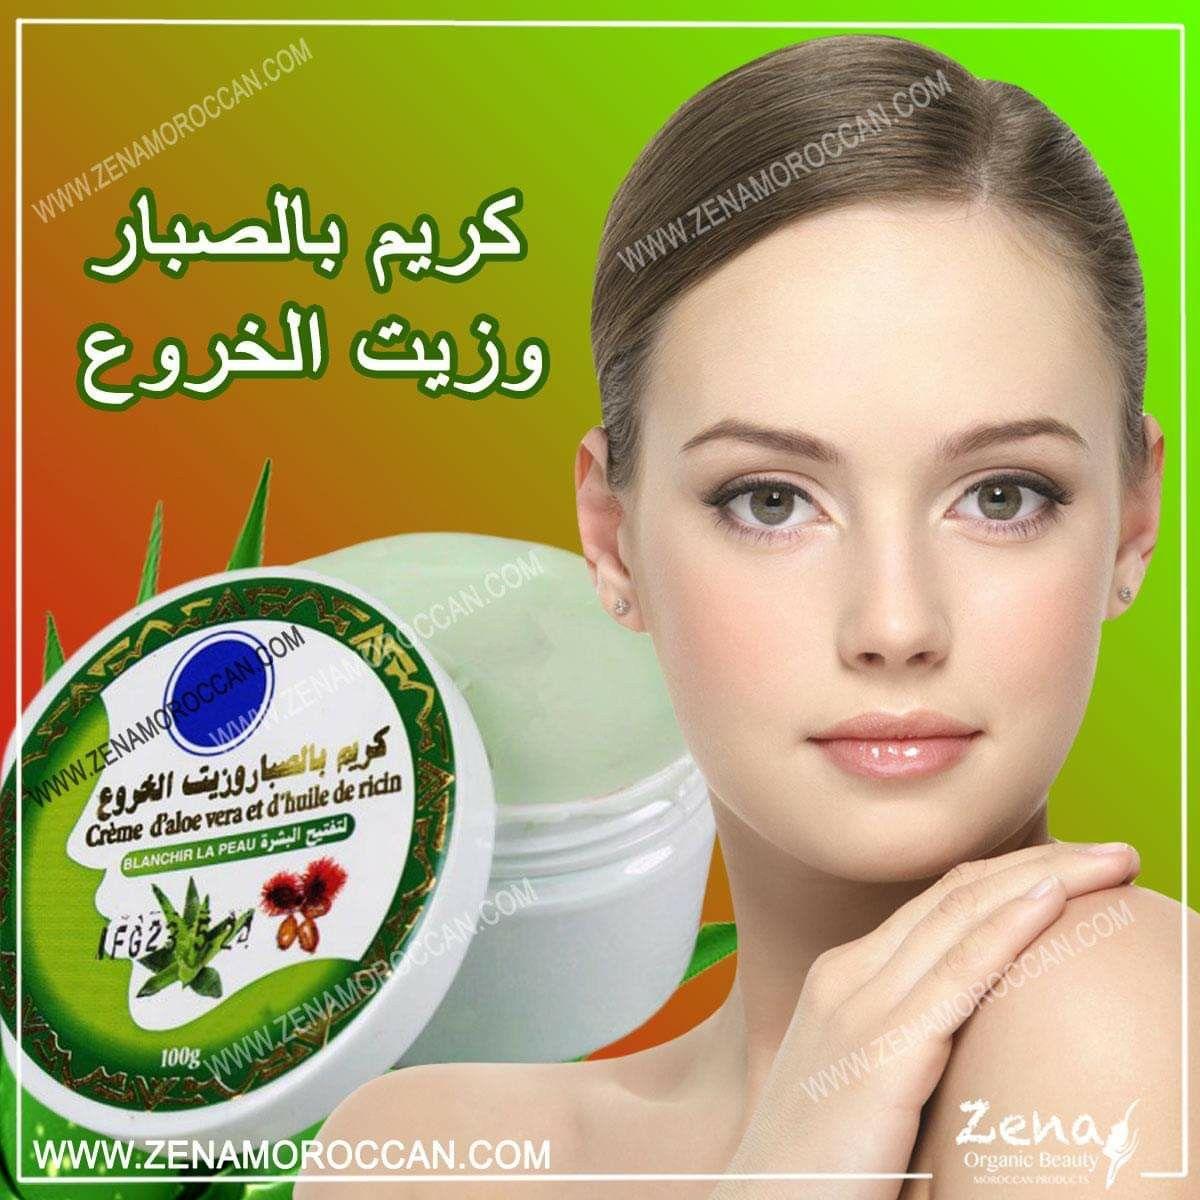 كريم مغربي بالصبار وزيت الخروع Ricin Oil Beauty Skin Care Routine Coco Oil